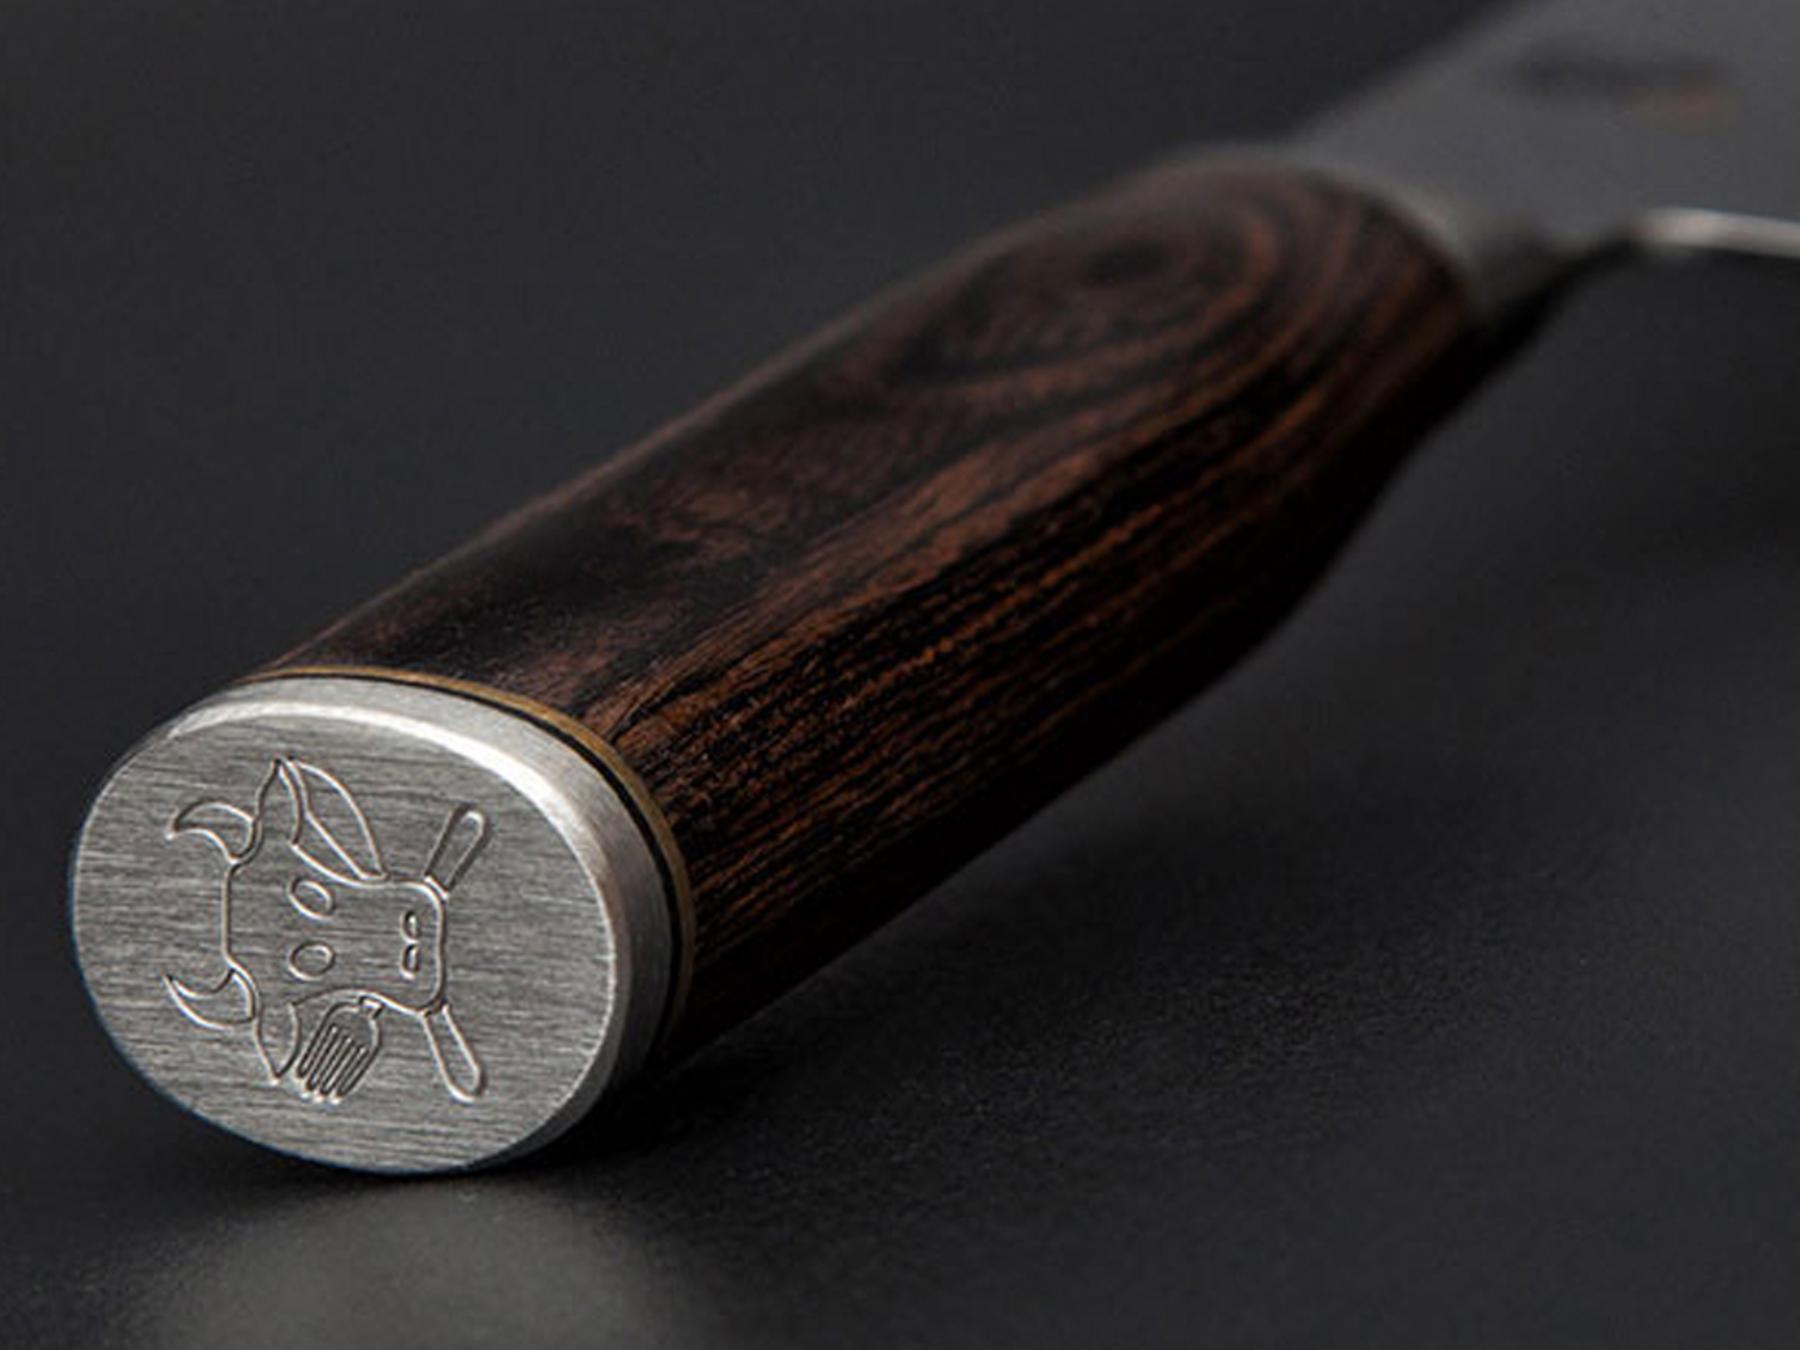 KAI Shun Premier TDM-1702 Santoku Messer 18 cm